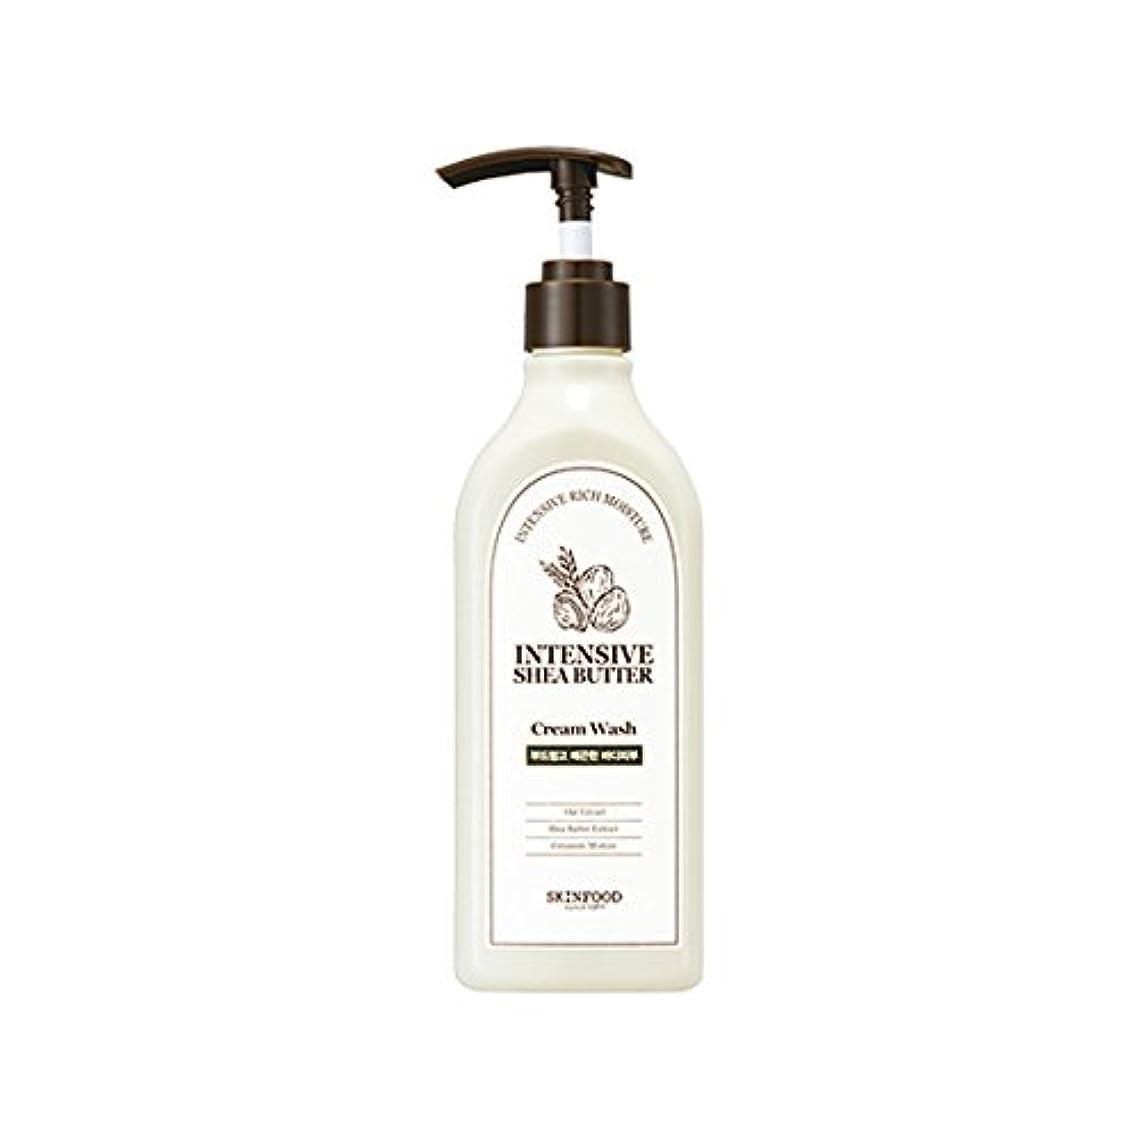 平和的福祉神[New] SKINFOOD Intensive Shea Butter Cream Wash 335ml/スキンフード インテンシブ シア バター クリーム ウォッシュ 335ml [並行輸入品]